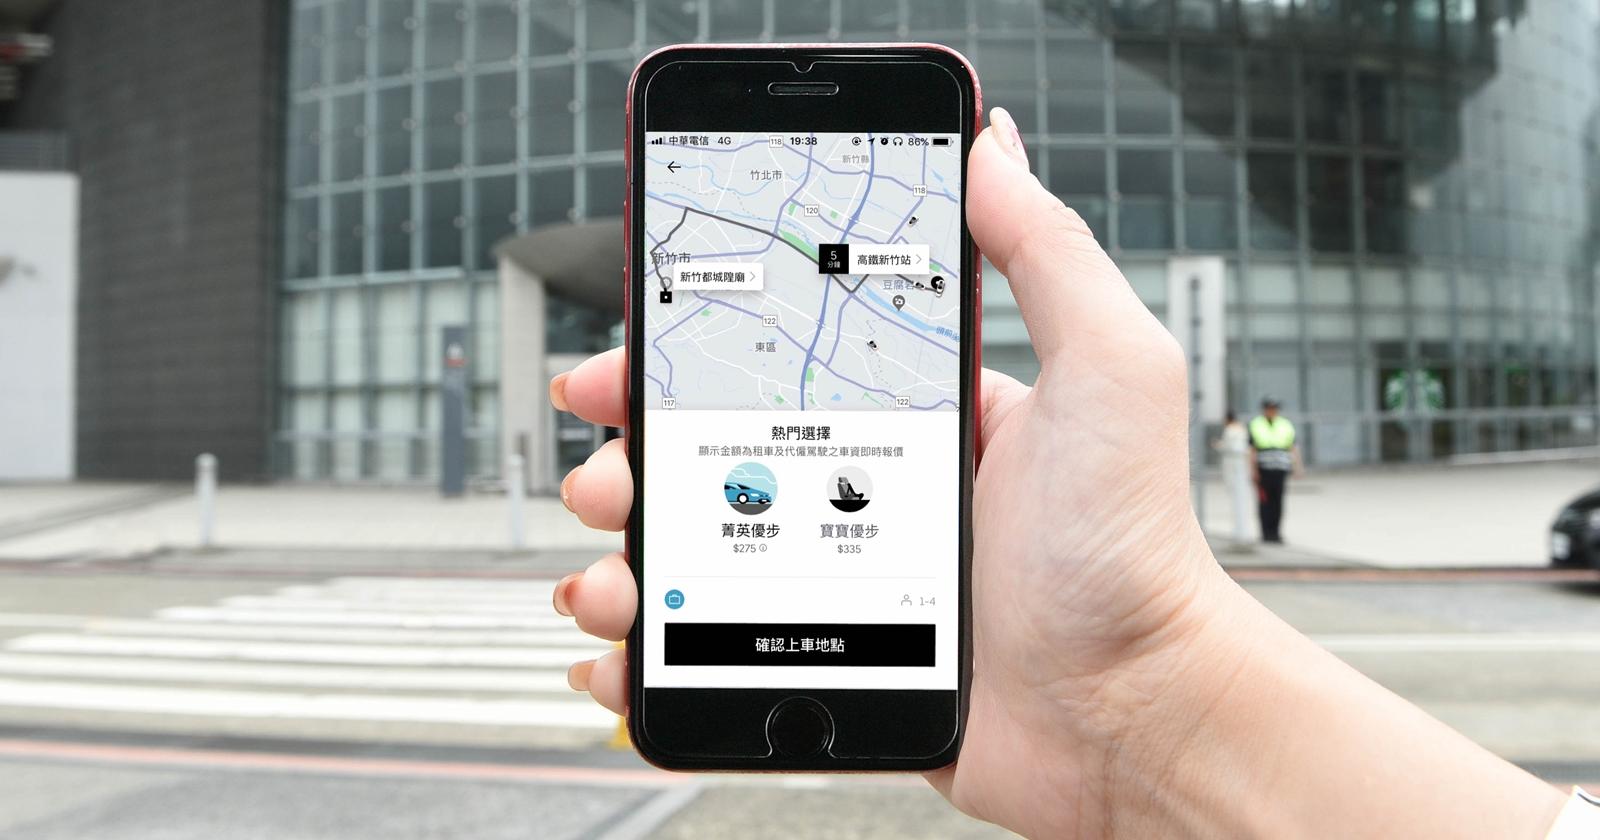 鼓勵投票,UBER 推老用戶單趟折 55 元乘車優惠